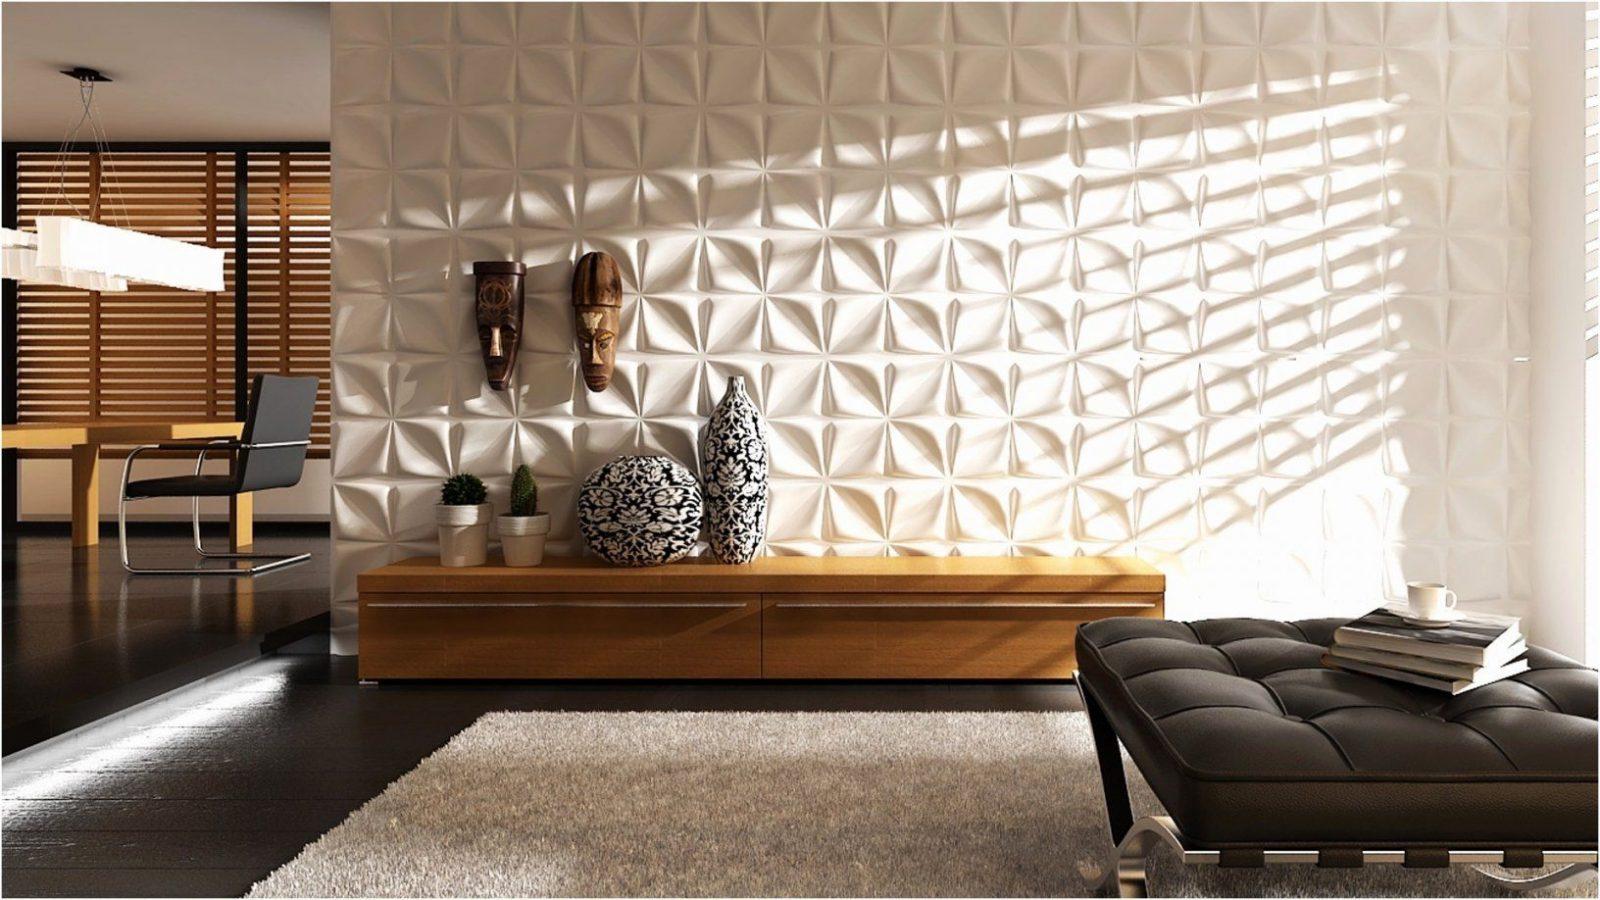 Tapeten Ideen Wohnzimmer Und Glamourös Tapete Obi 8 Images Gallery von Tapeten Ideen Für Wohnzimmer Bild